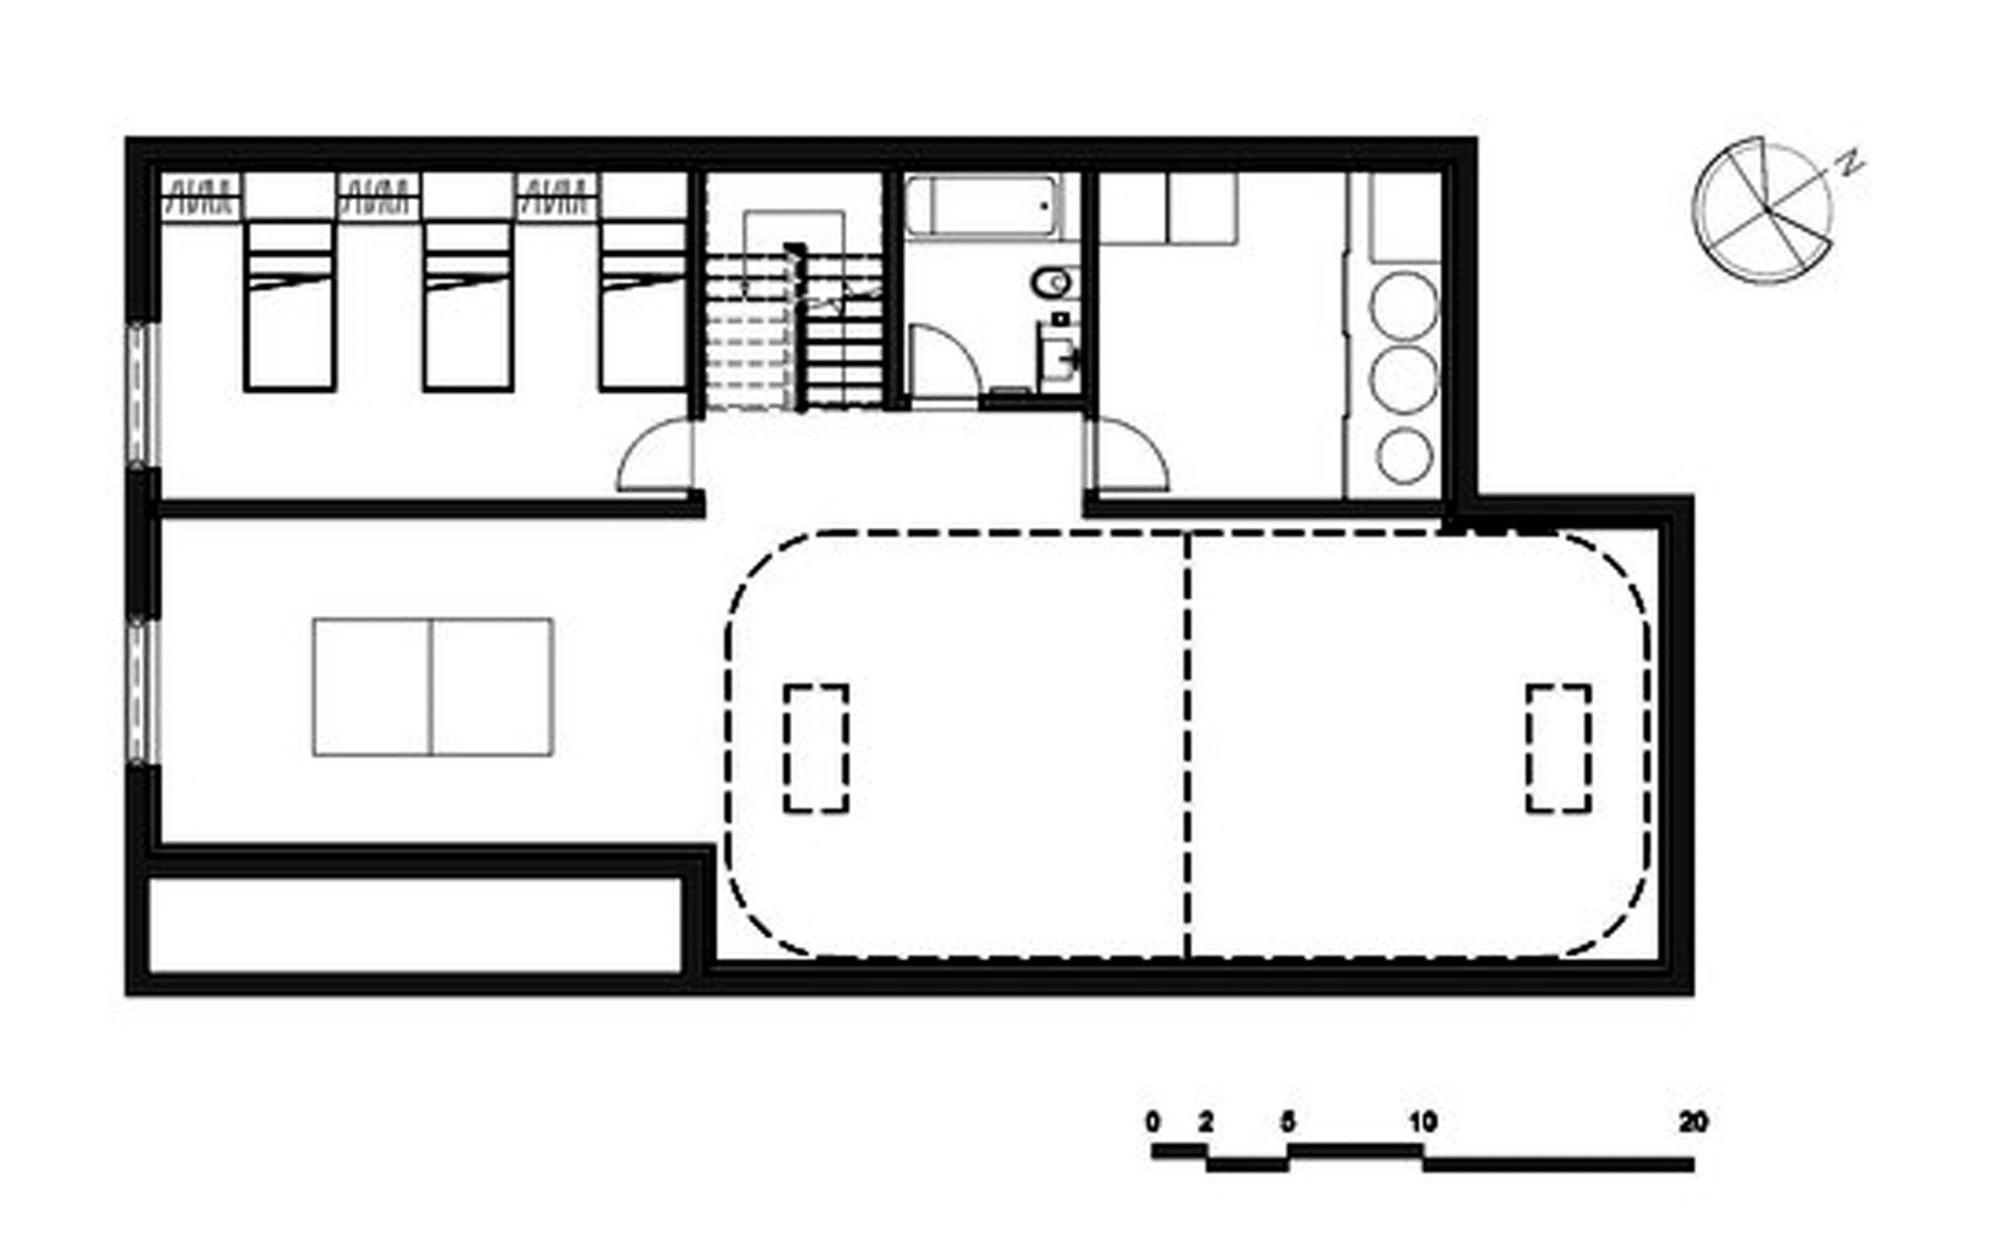 Dise o de casa moderna de dos pisos m s s tano planos - Bodegas en sotanos de casas ...